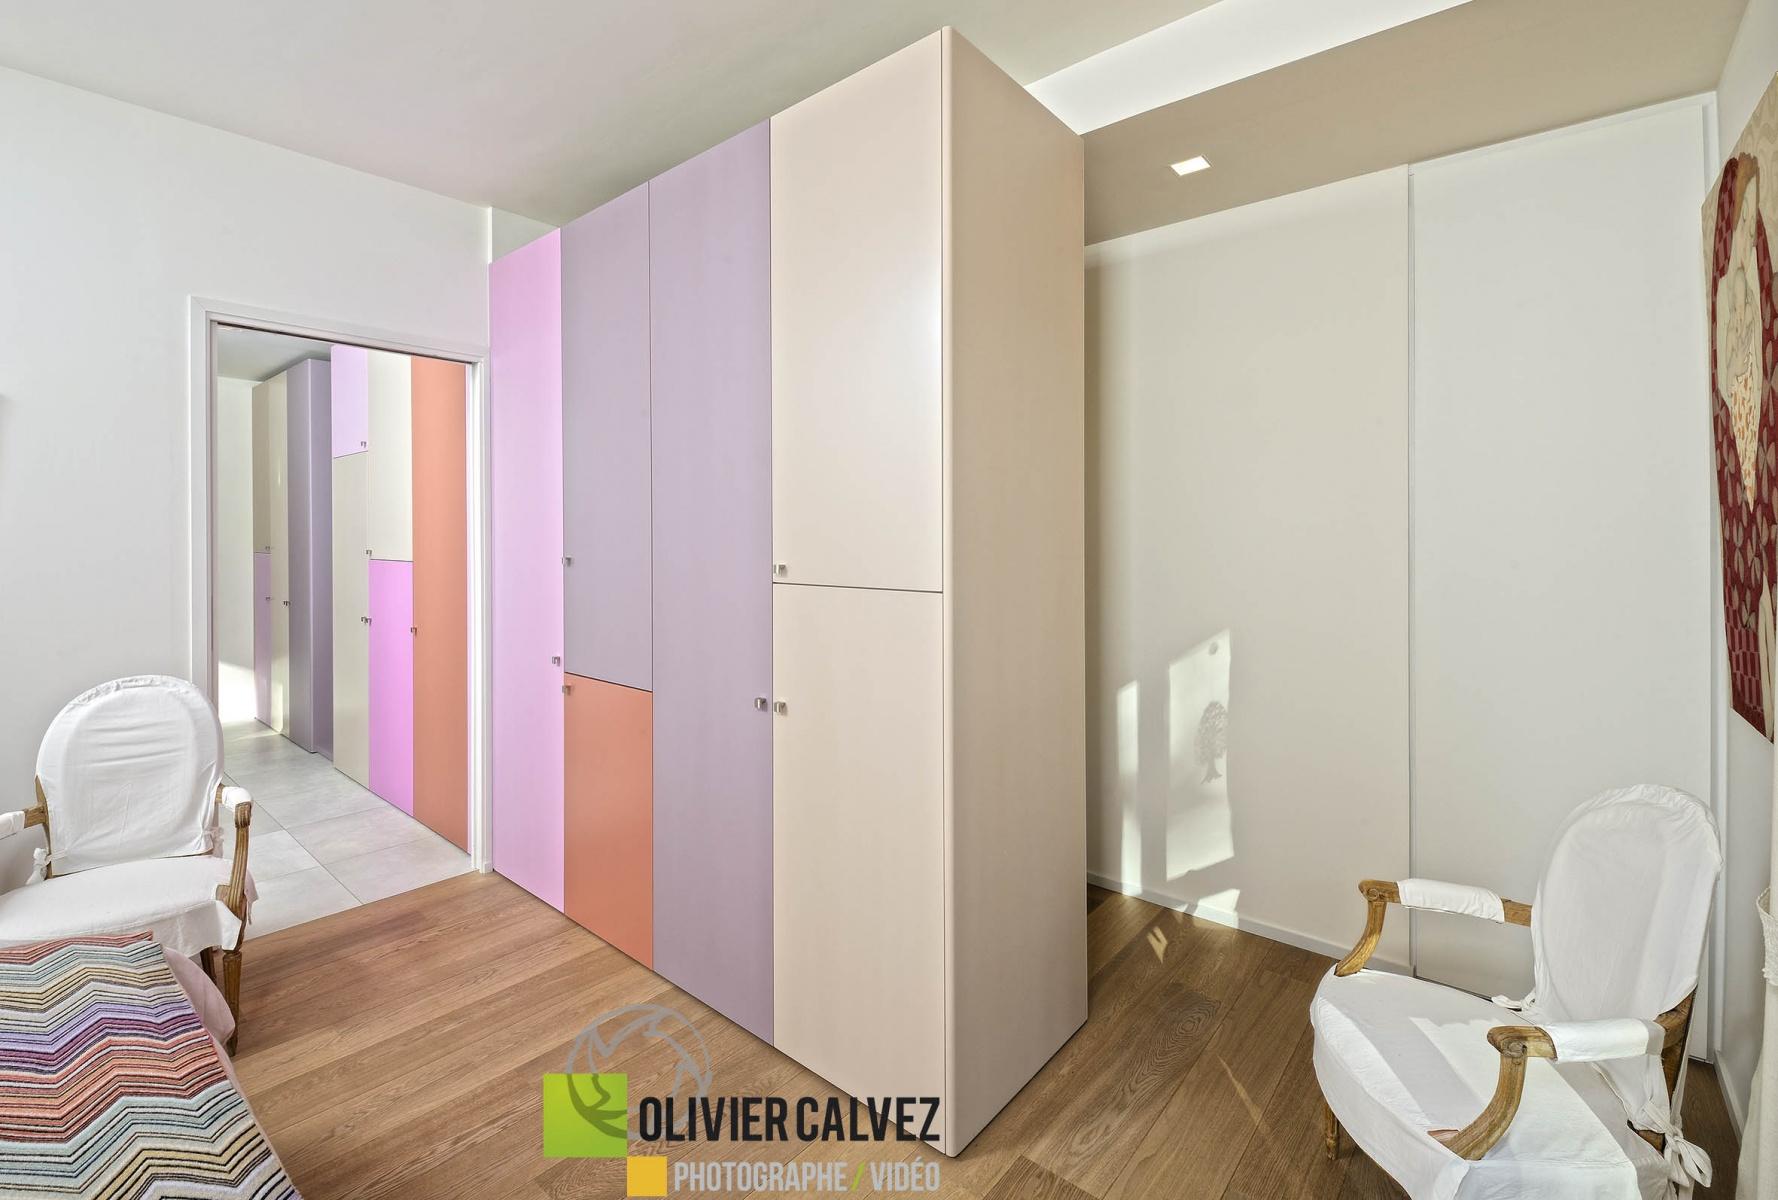 OLIVIER CALVEZ - LES ATELIERS DE CÉCILE